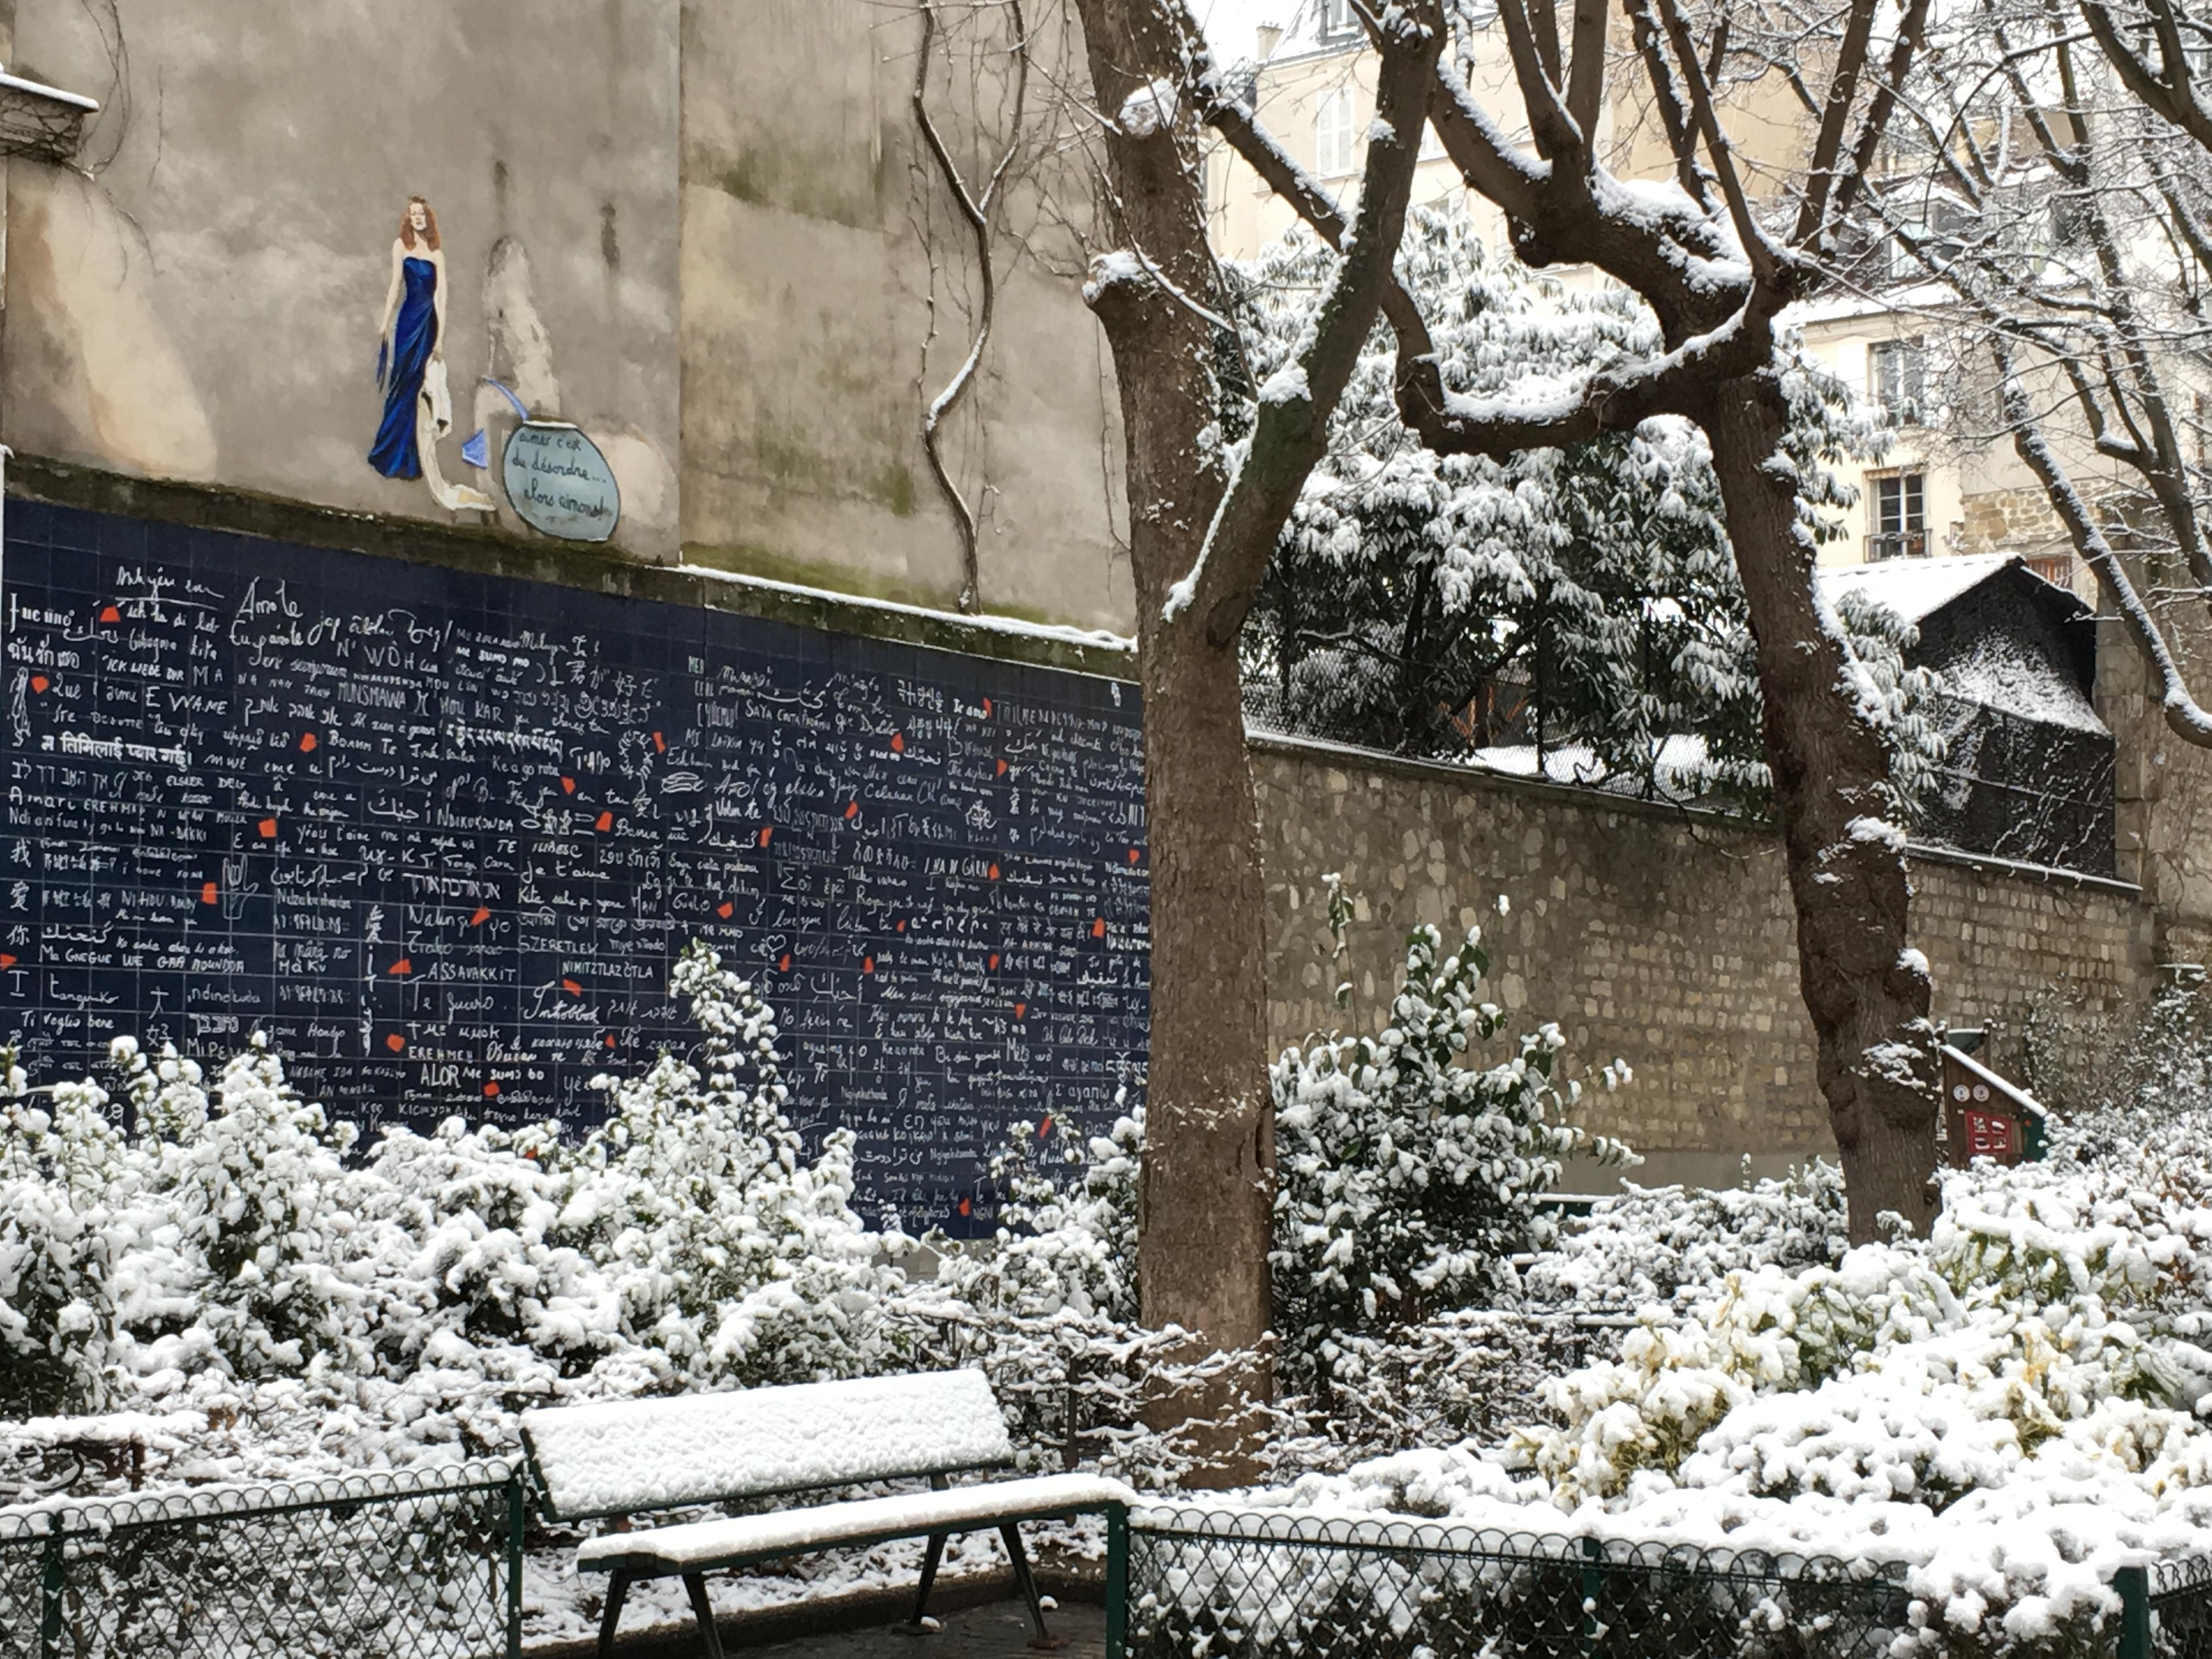 Le mur des je t'aime, Abbesses (Paris)